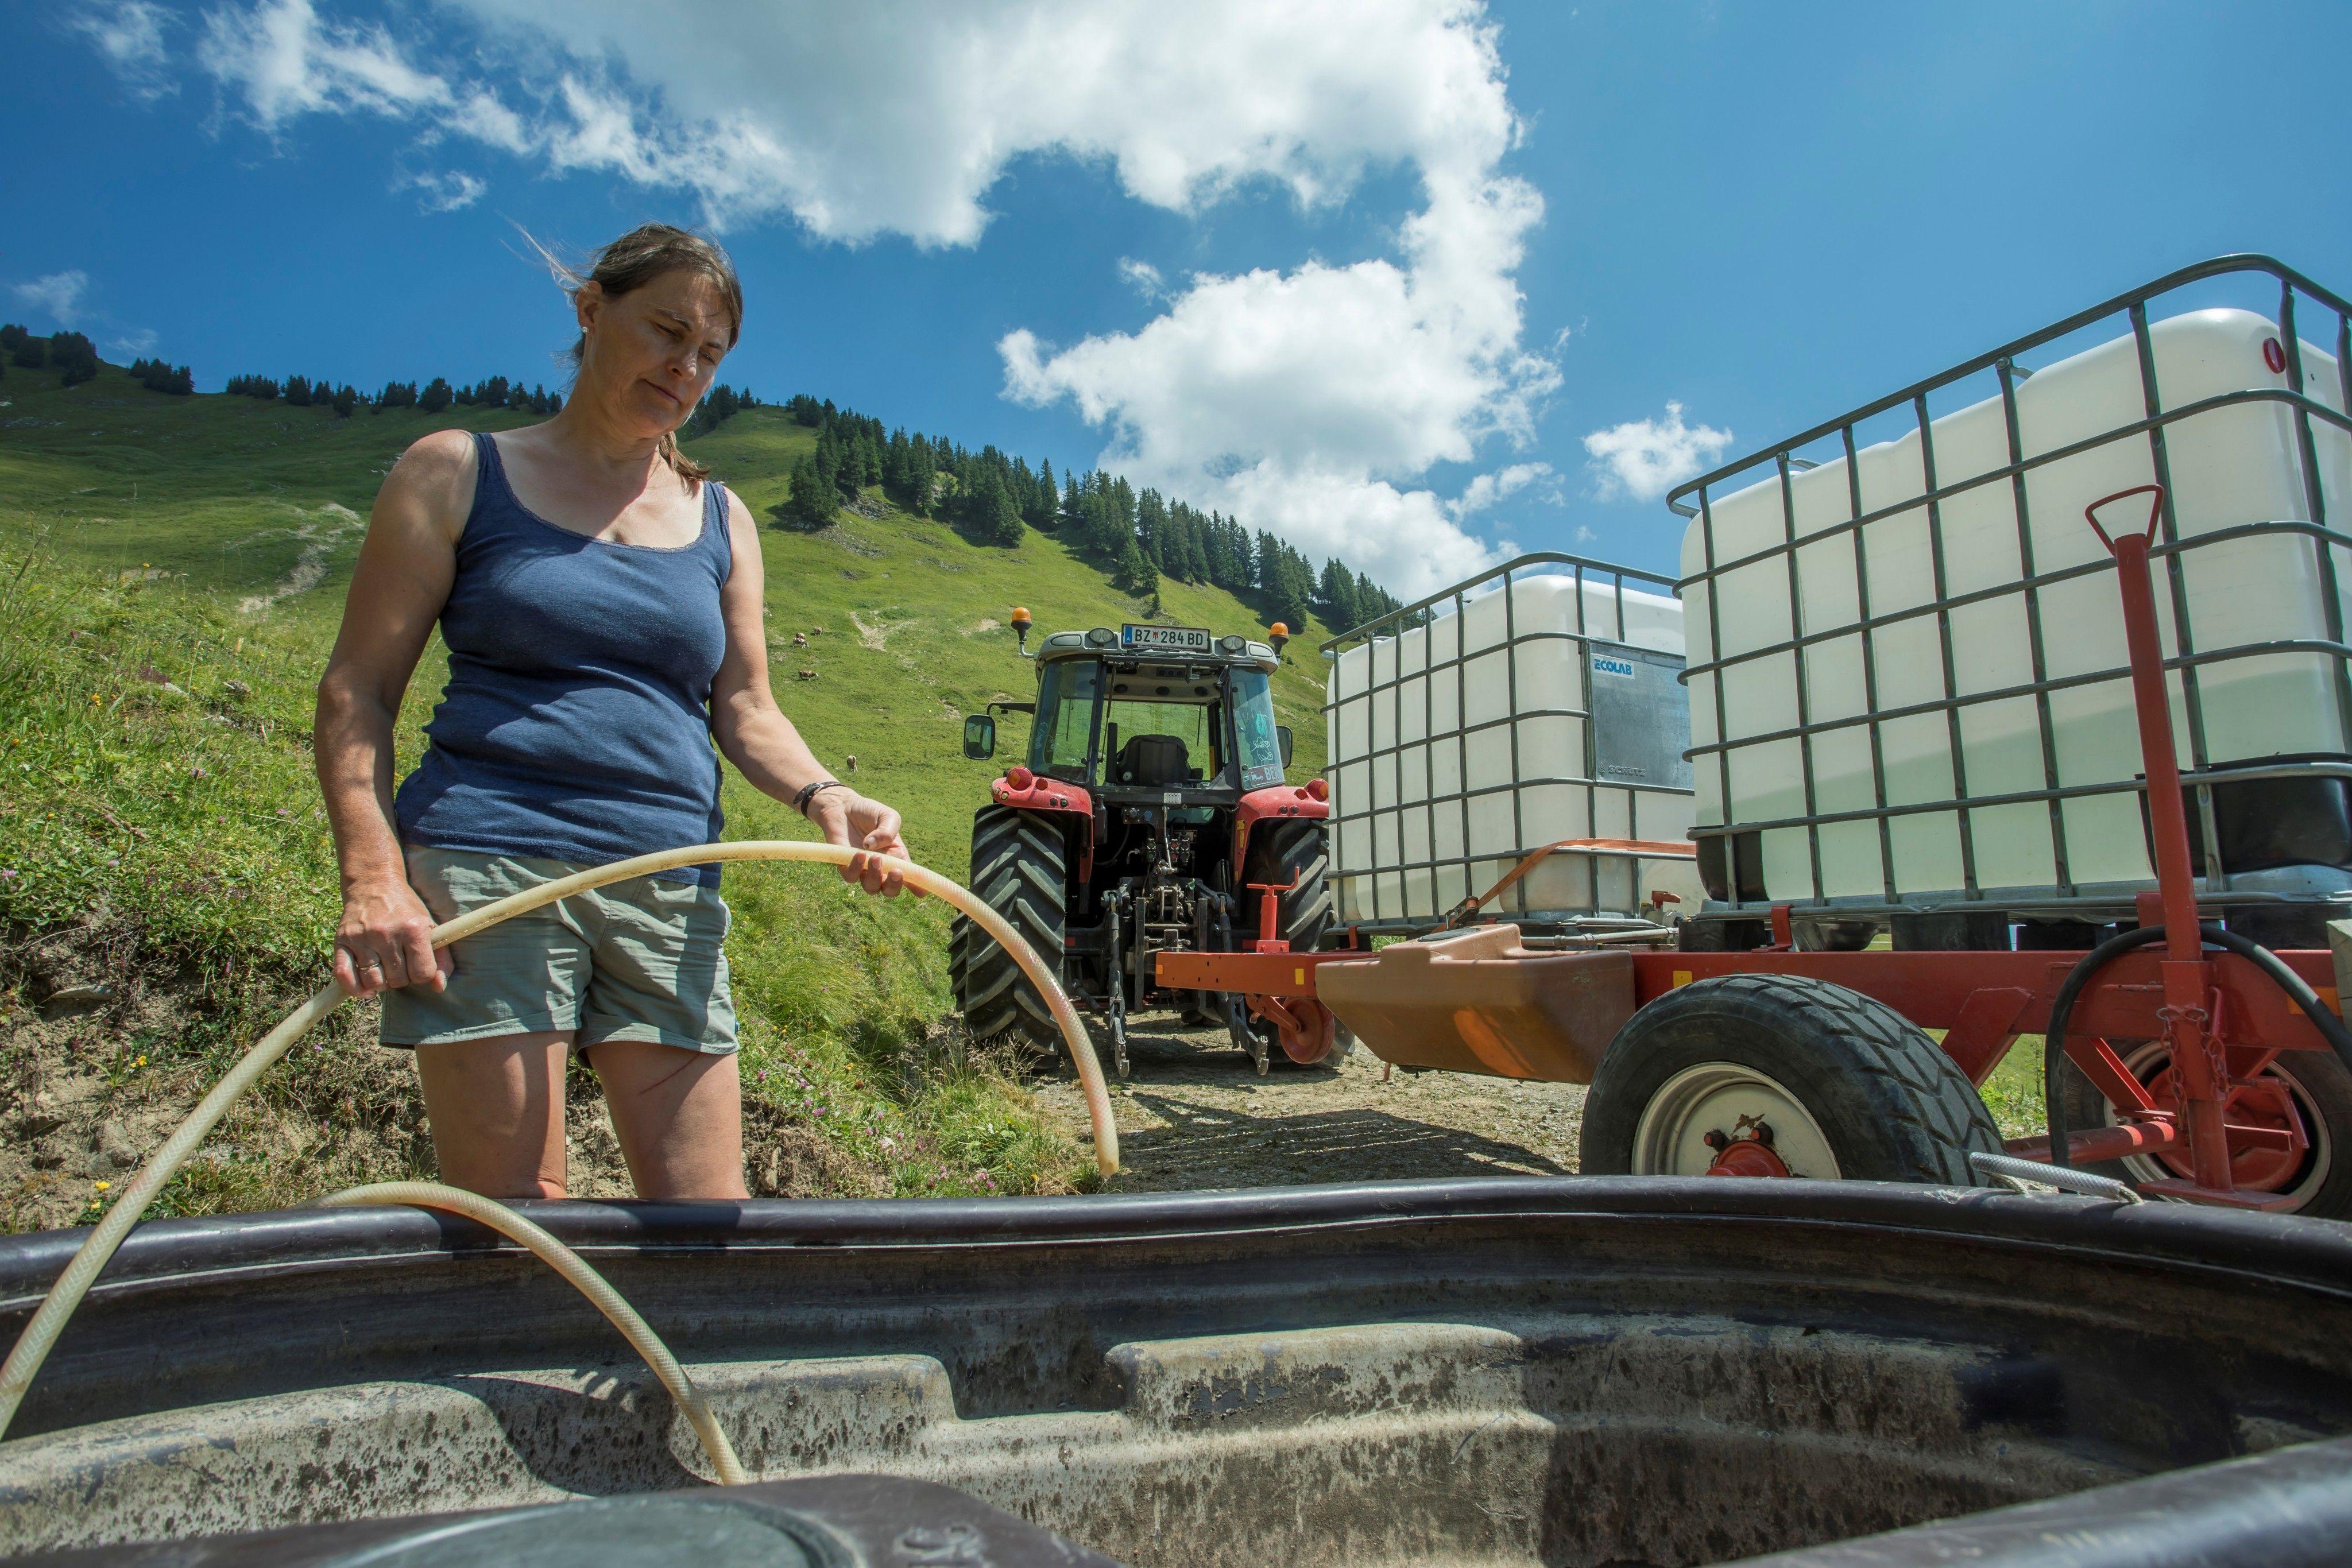 Trockenheit bringt Alpen in Nöte